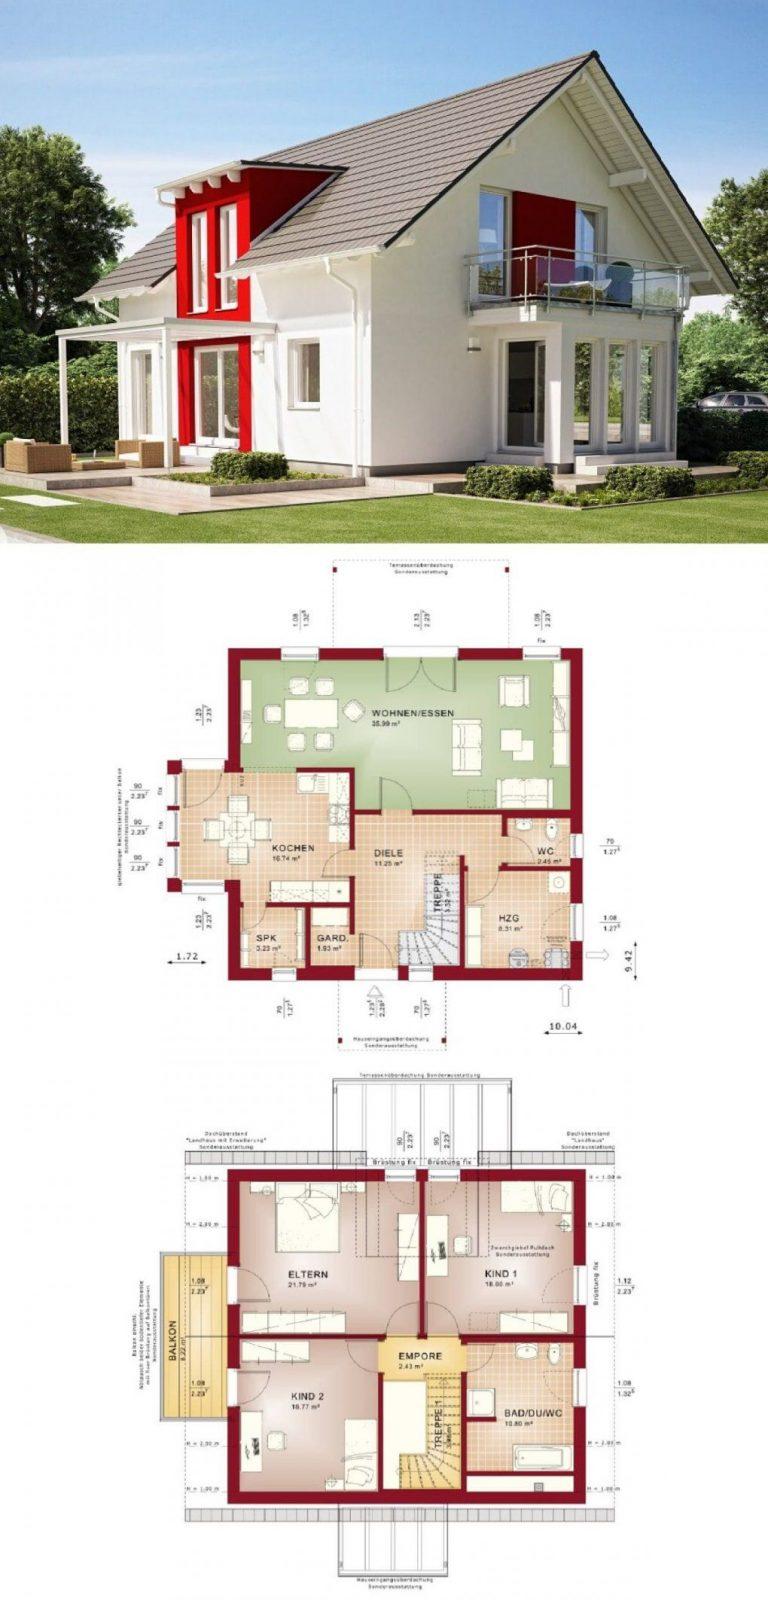 Einfamilienhaus Klassisch Mit Satteldacharchitektur Erker Anbau Und von Bien Zenker Evolution 154 Bild